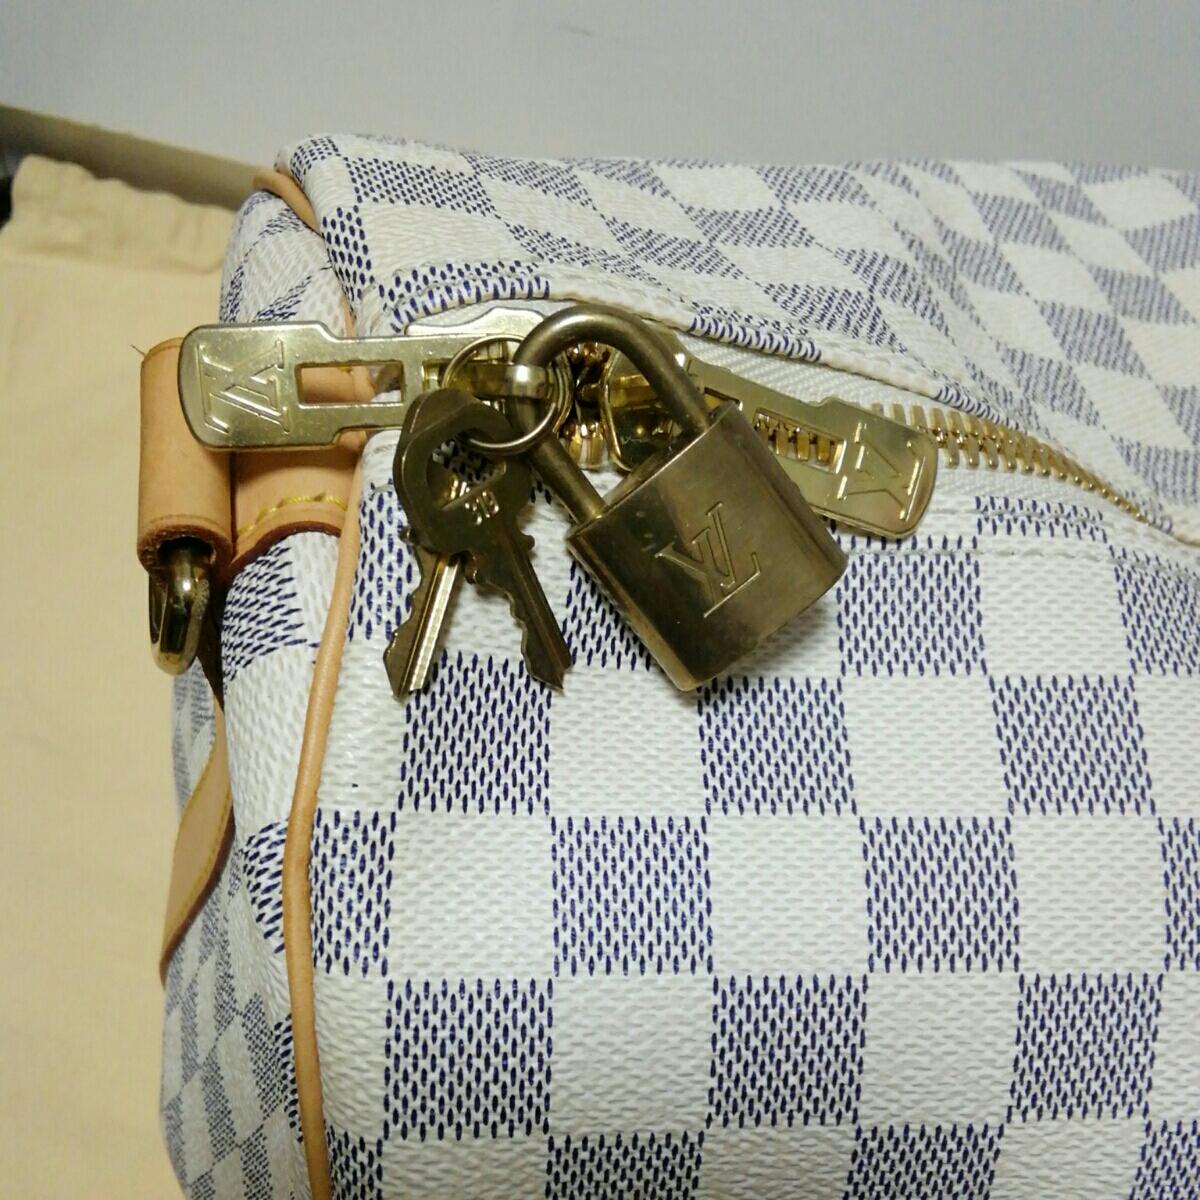 美品 LOUIS VUITTON ルイ ヴィトン ダミエ アズール キーポル バンドリエール 55 ボストン バッグ 人気 1円スタート MB1016_画像3